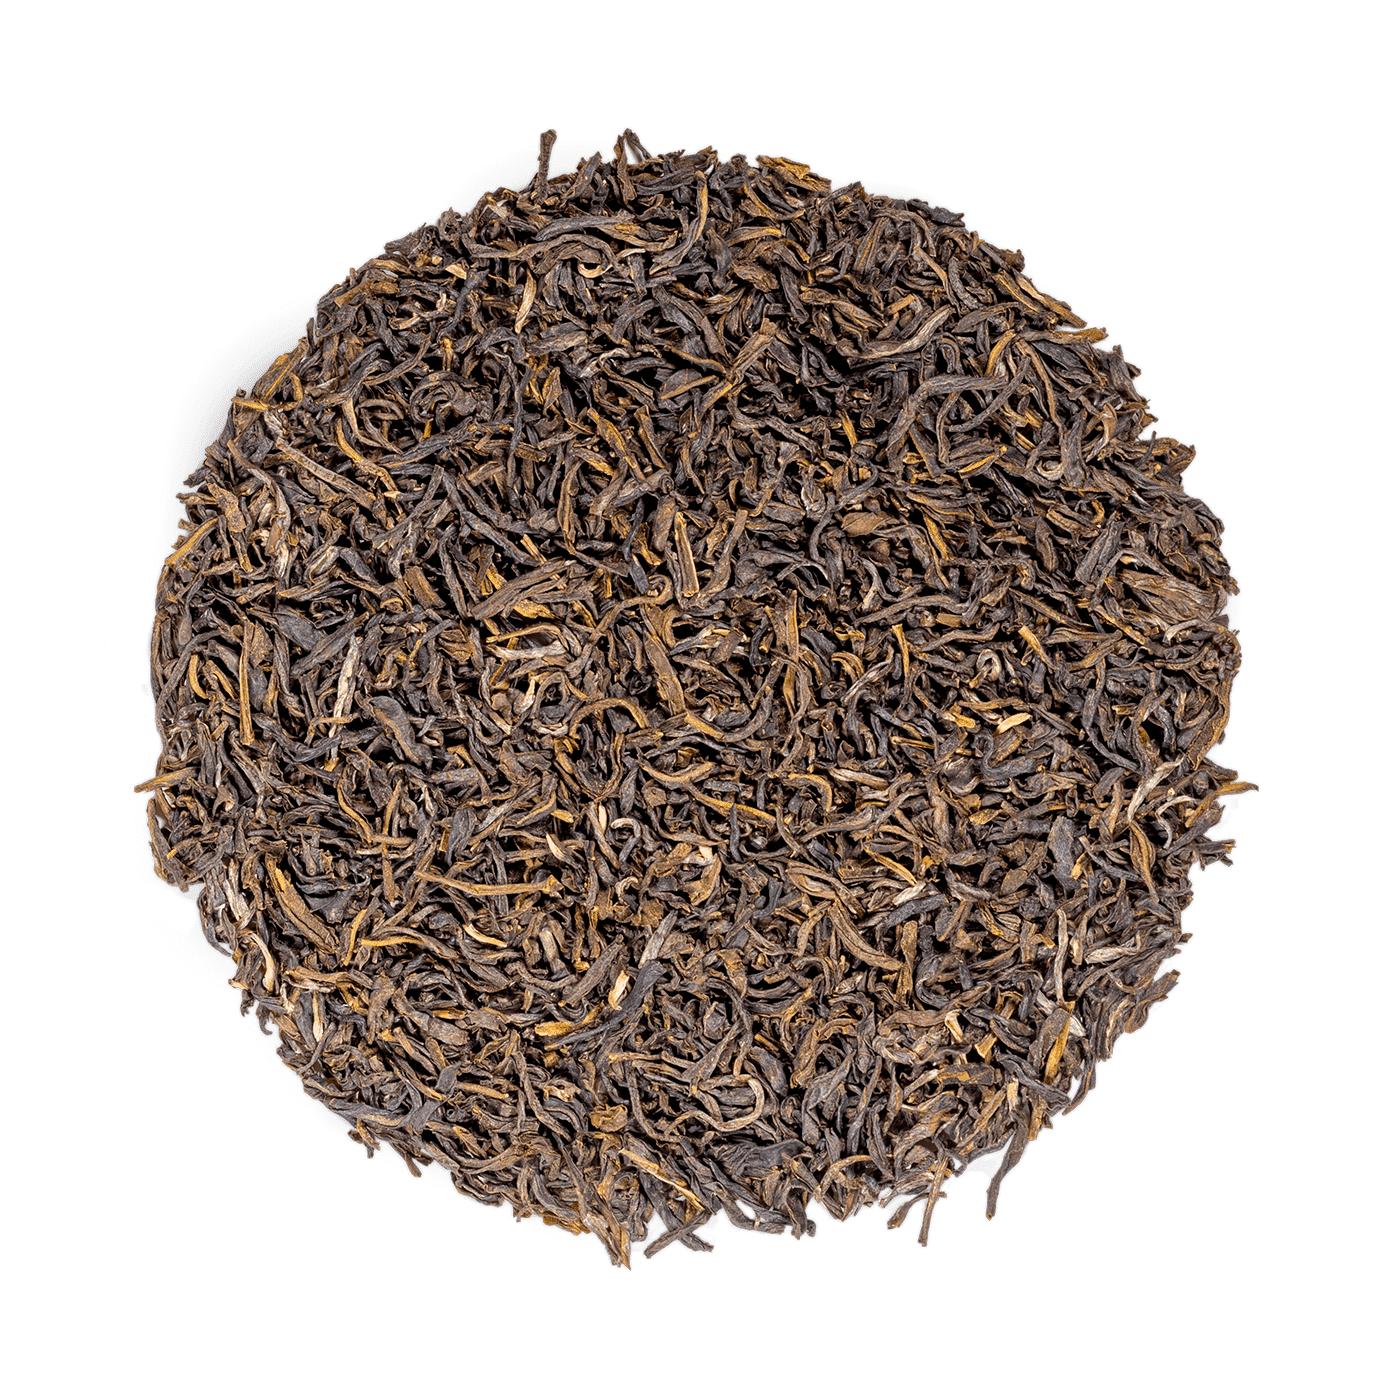 KUSMI TEA Vert Jasmin bio - Thé vert au jasmin - Thé en vrac - Kusmi Tea